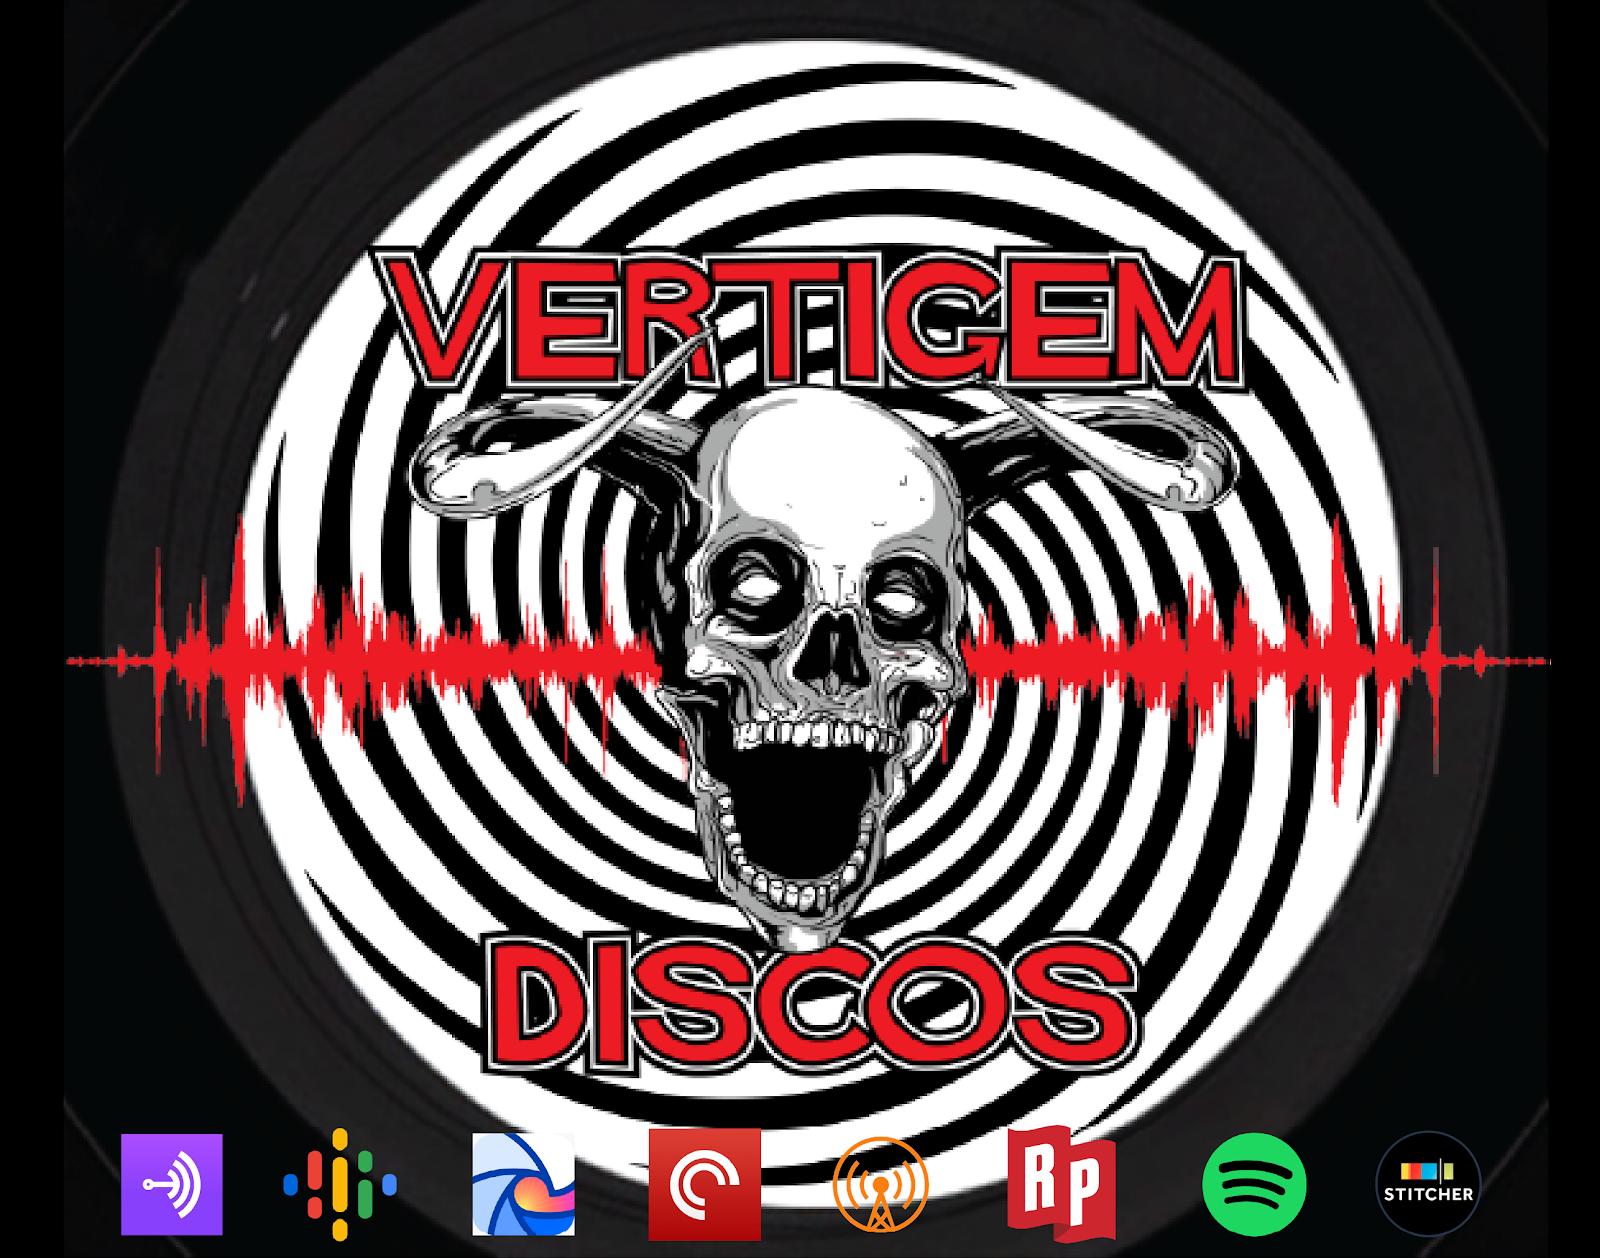 Podcast Vertigem Discos